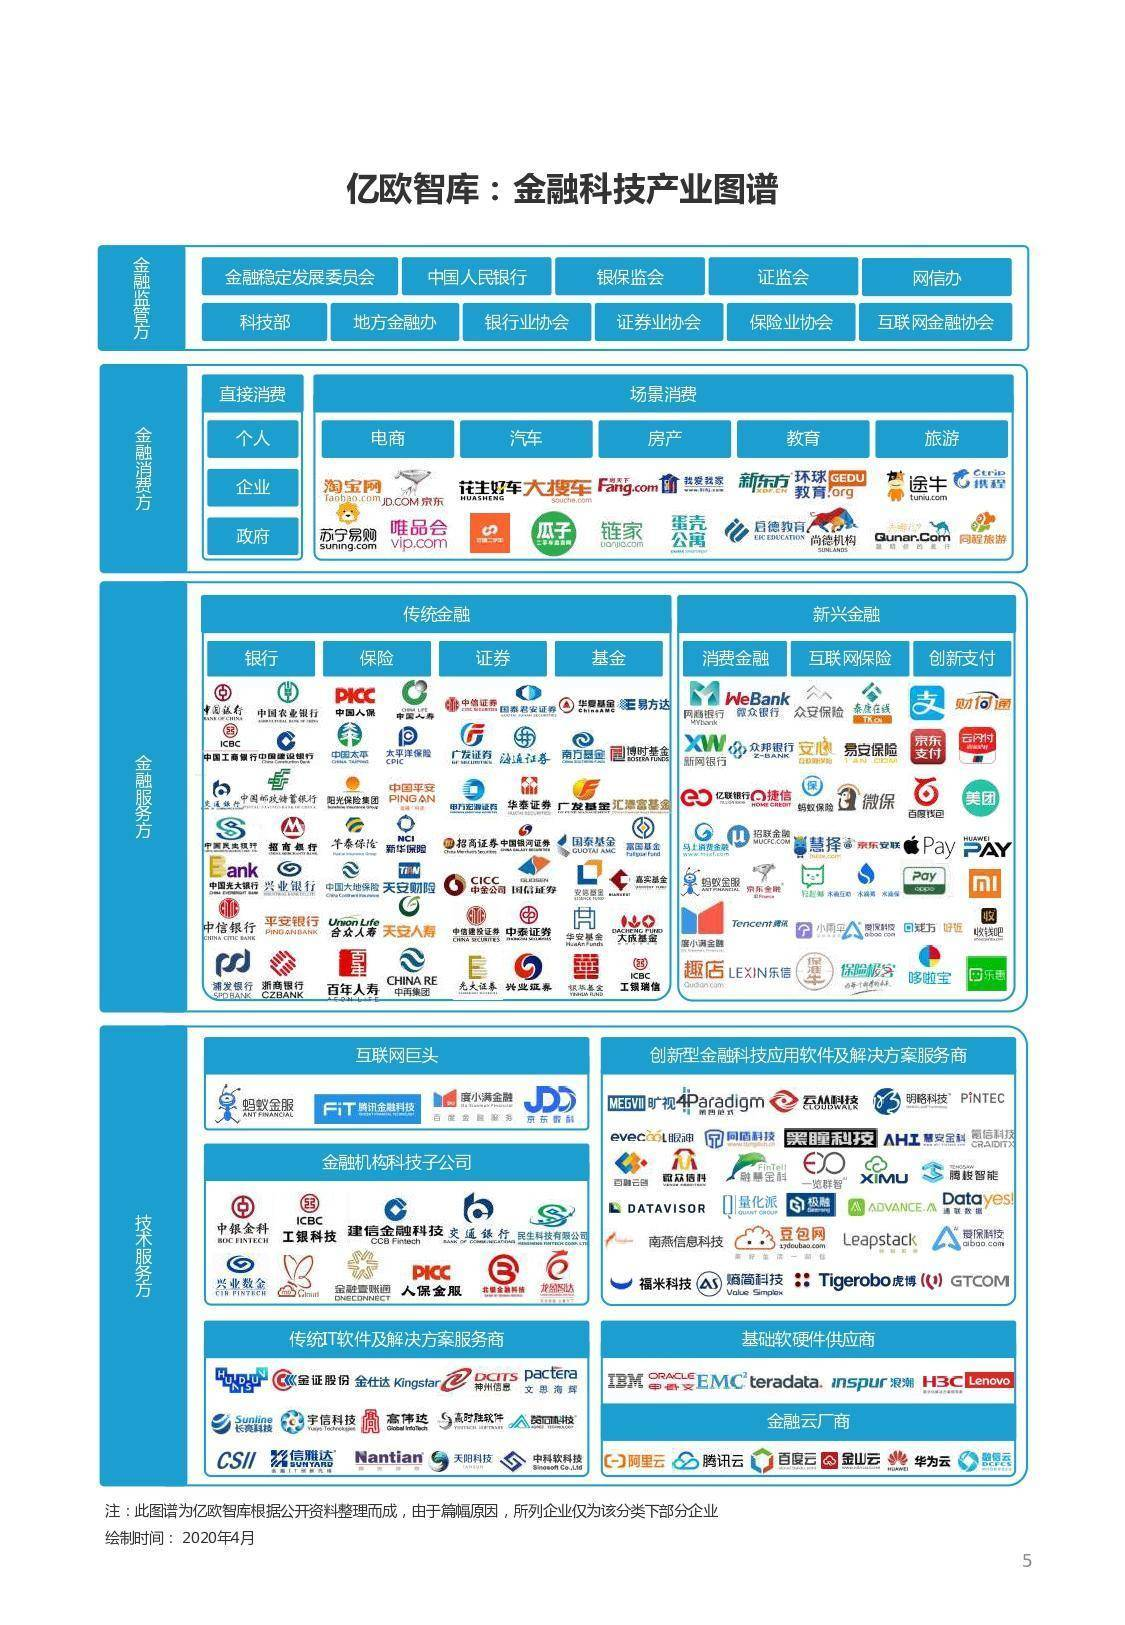 亿欧智库:2020年金融科技十大关键词